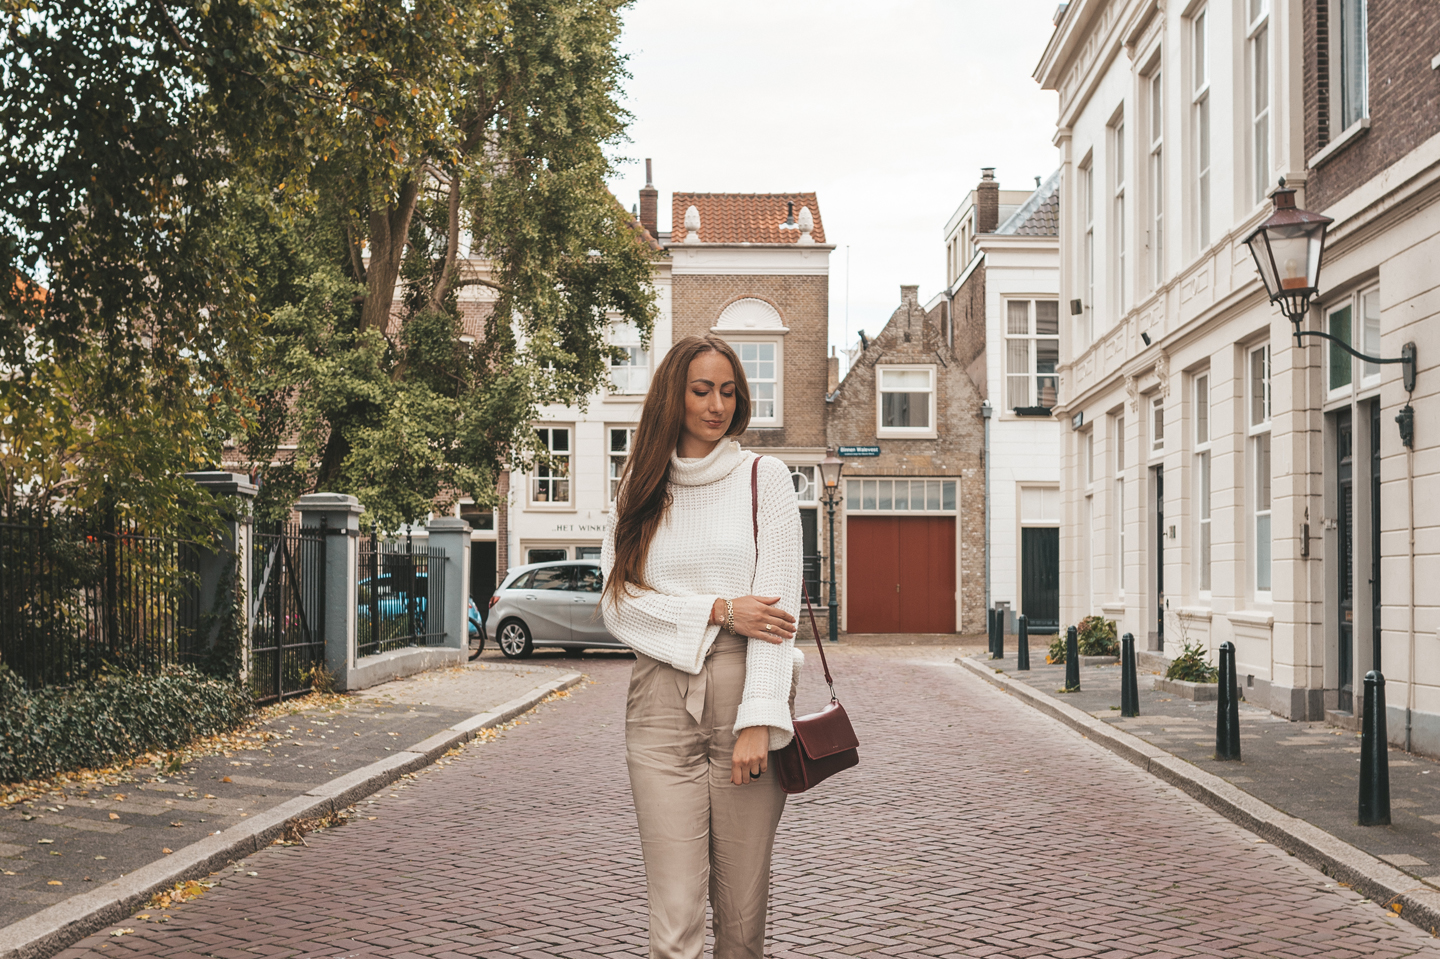 Het oude centrum van Dordrecht